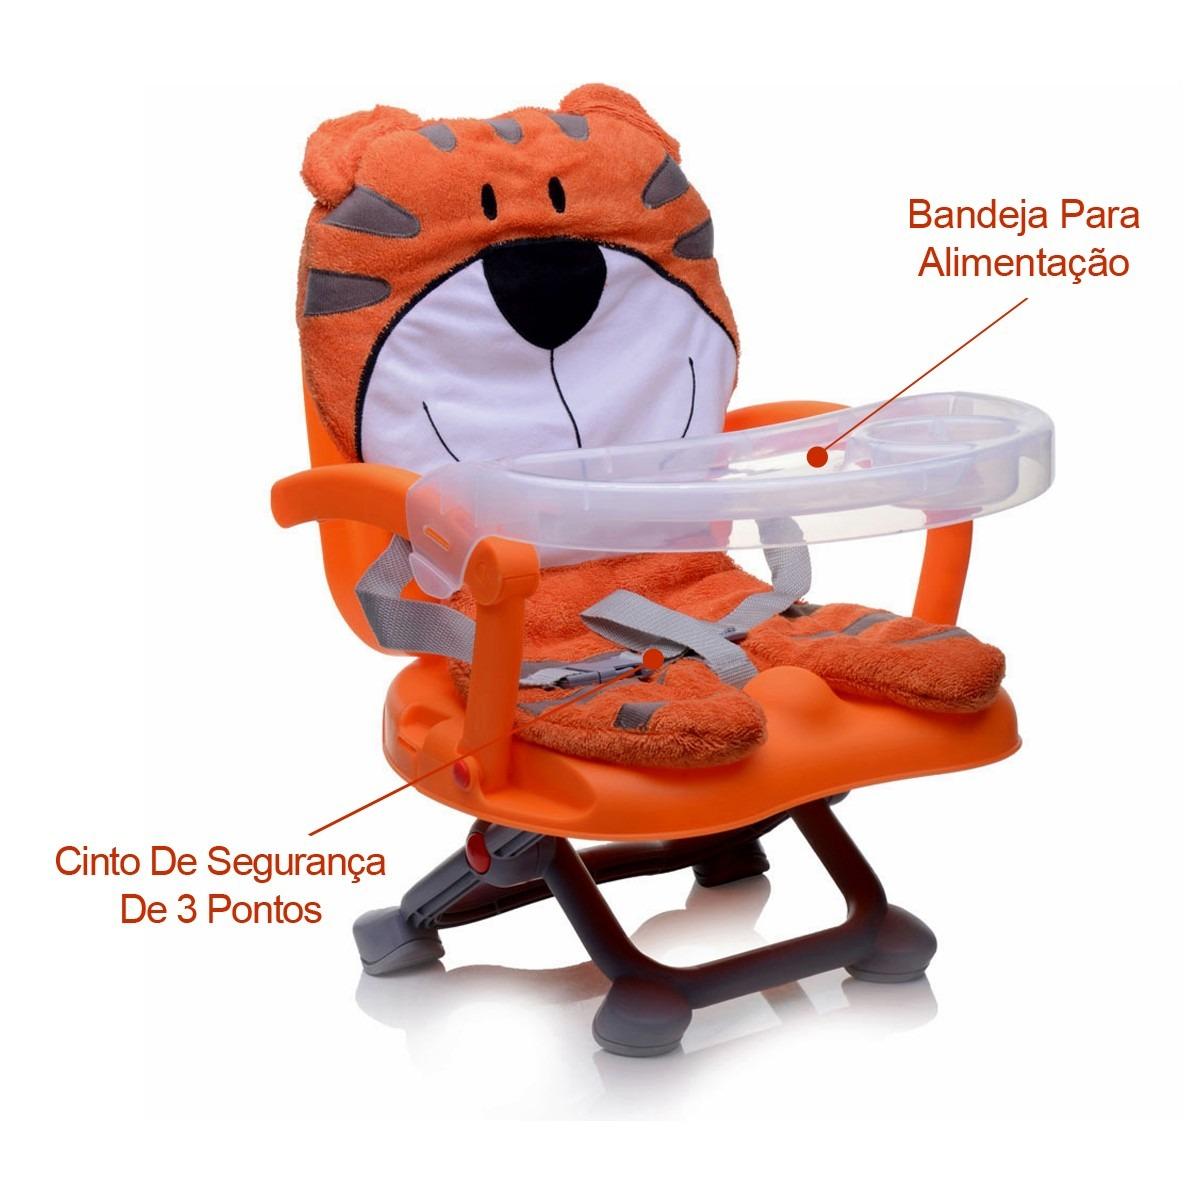 Cadeira de Alimentação Portátil Bichinho Tigre Dican #B73D14 1200x1200